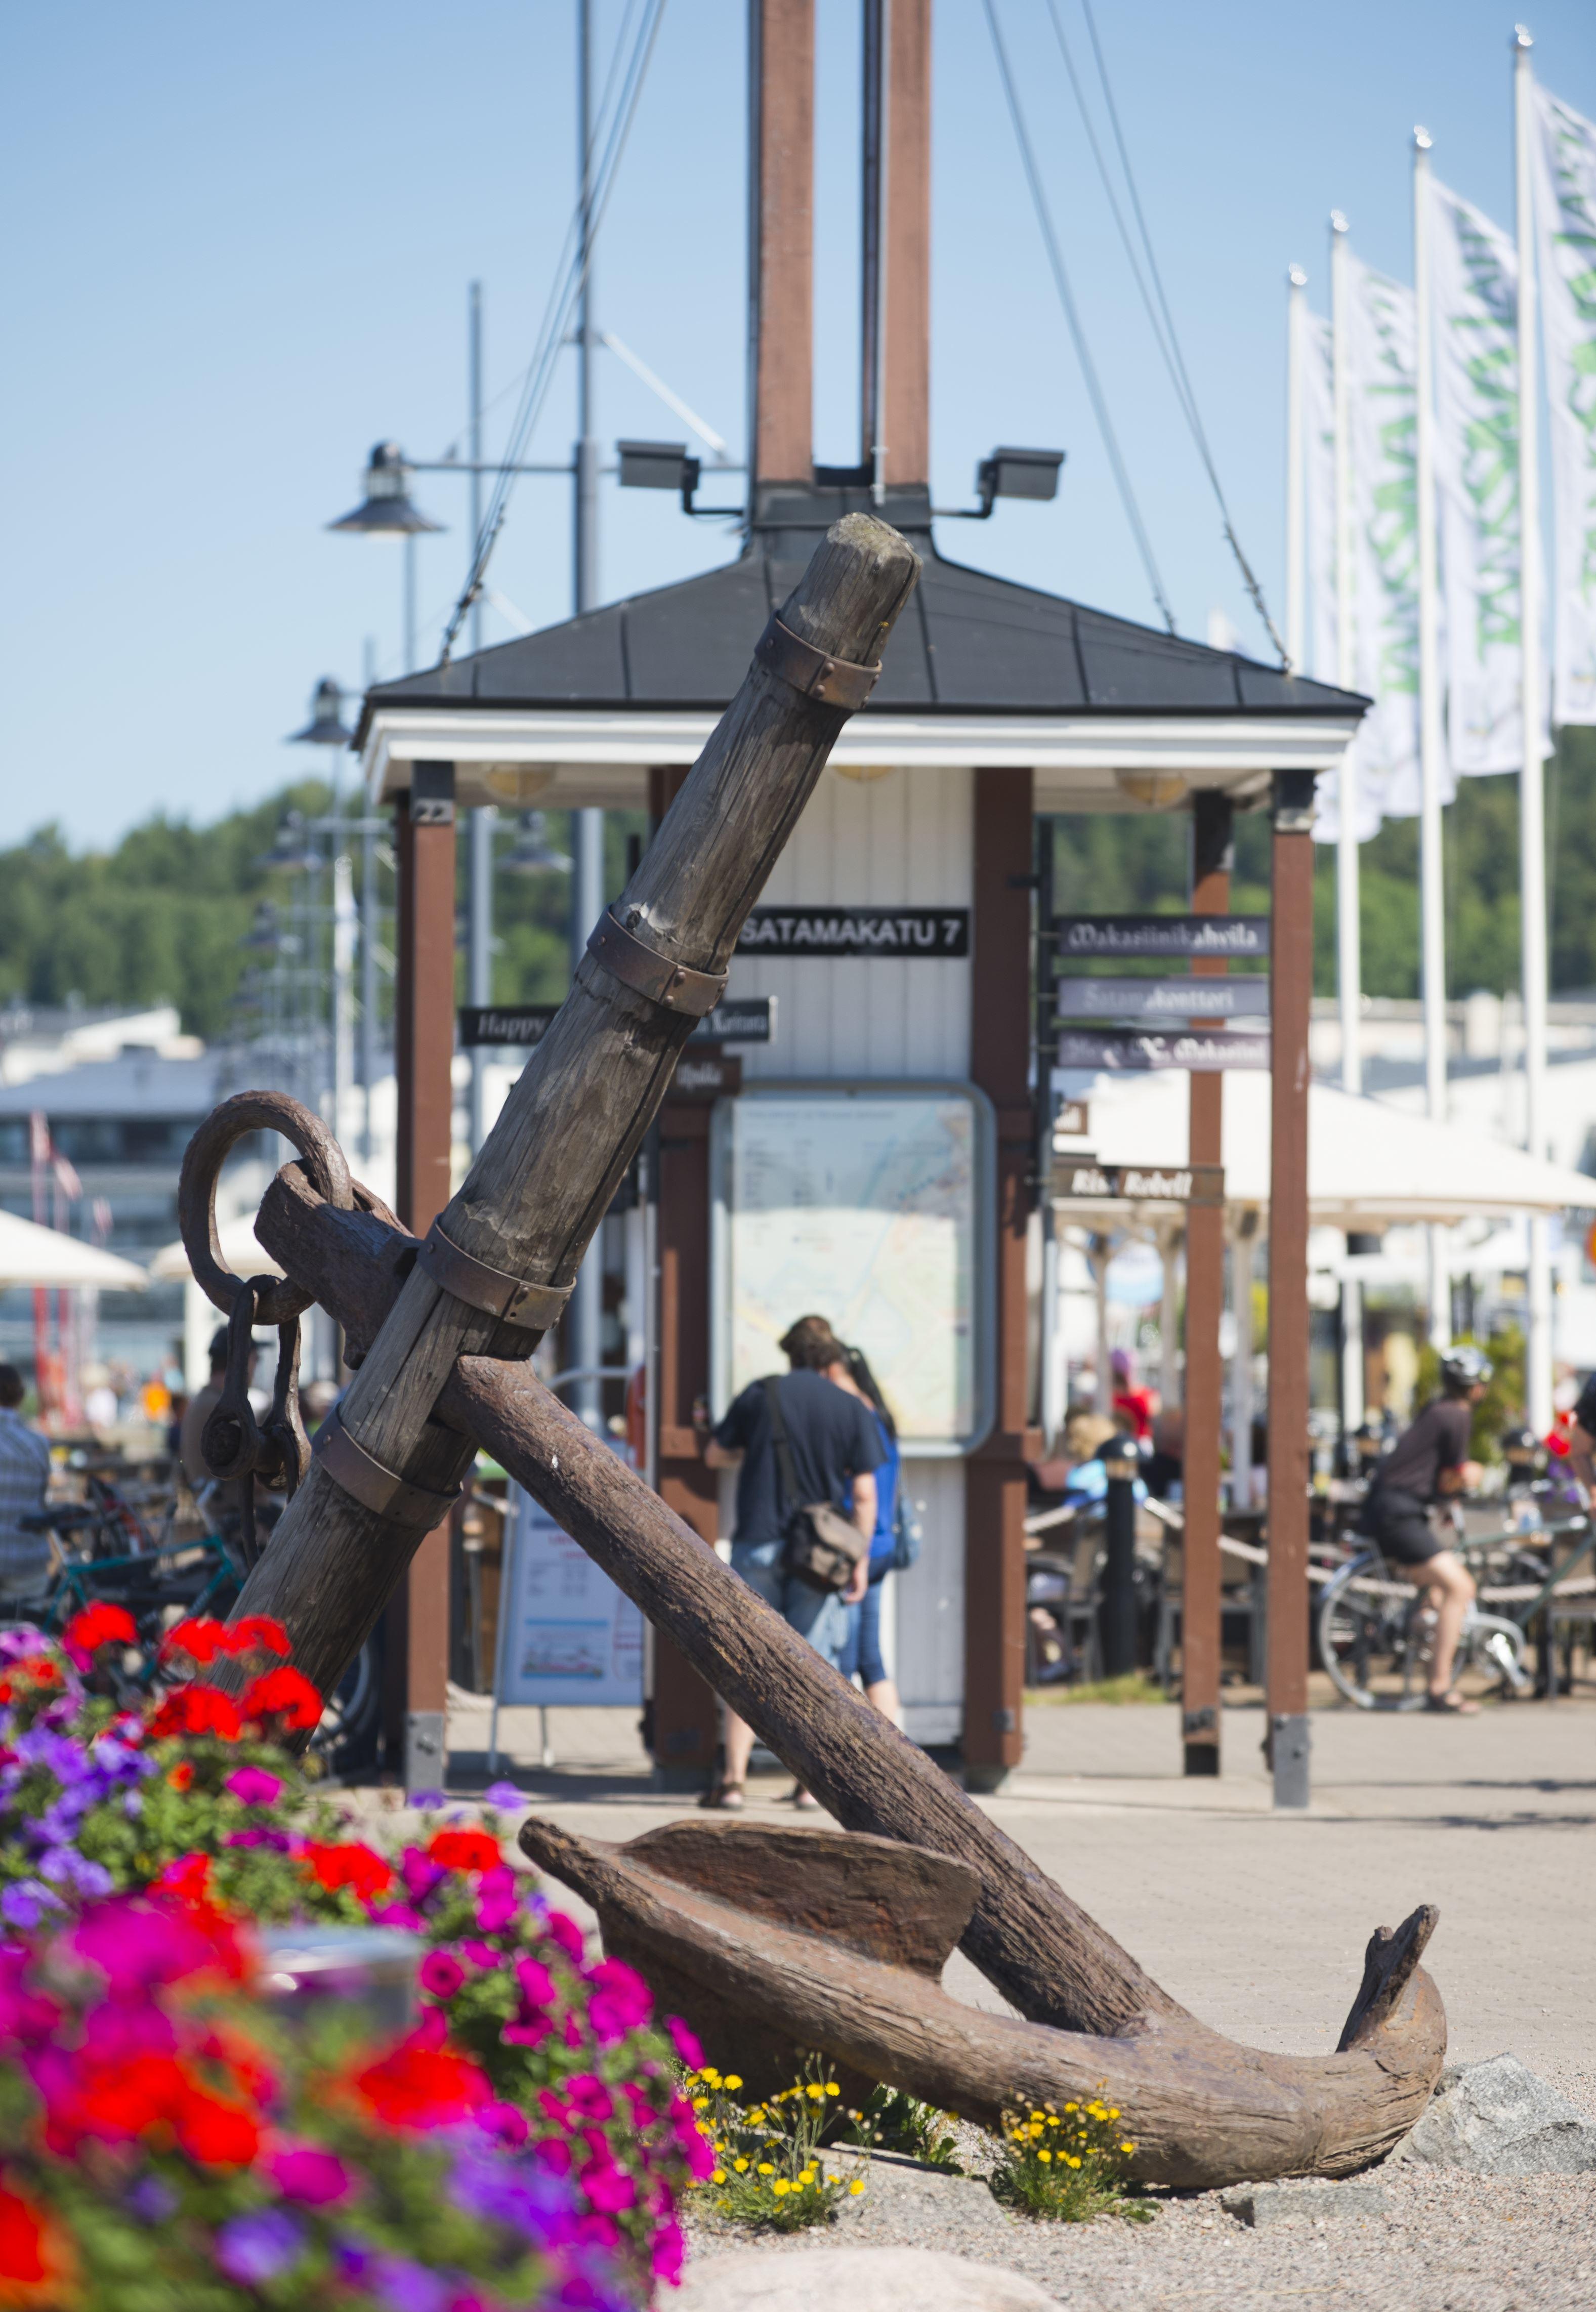 Lahden satamakonttori